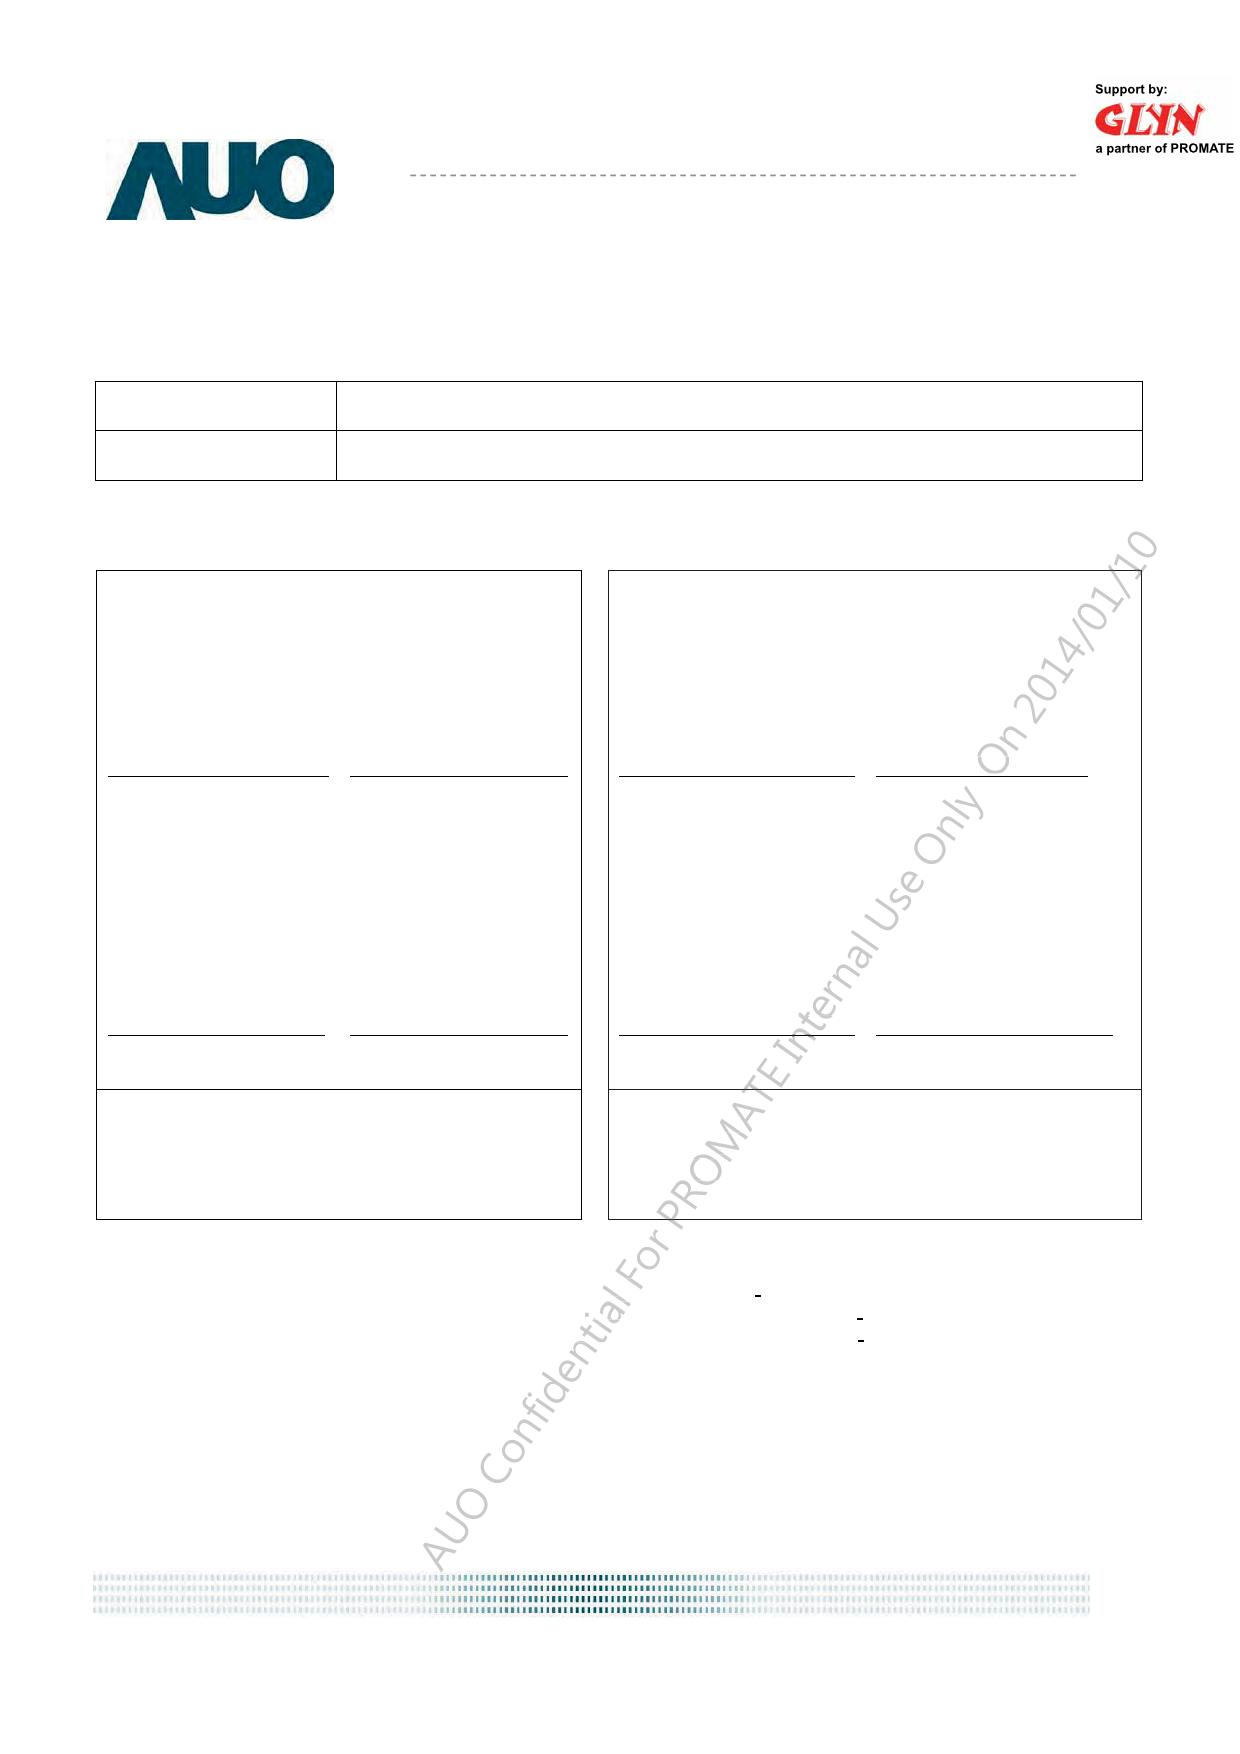 G070VVN01.100 datasheet